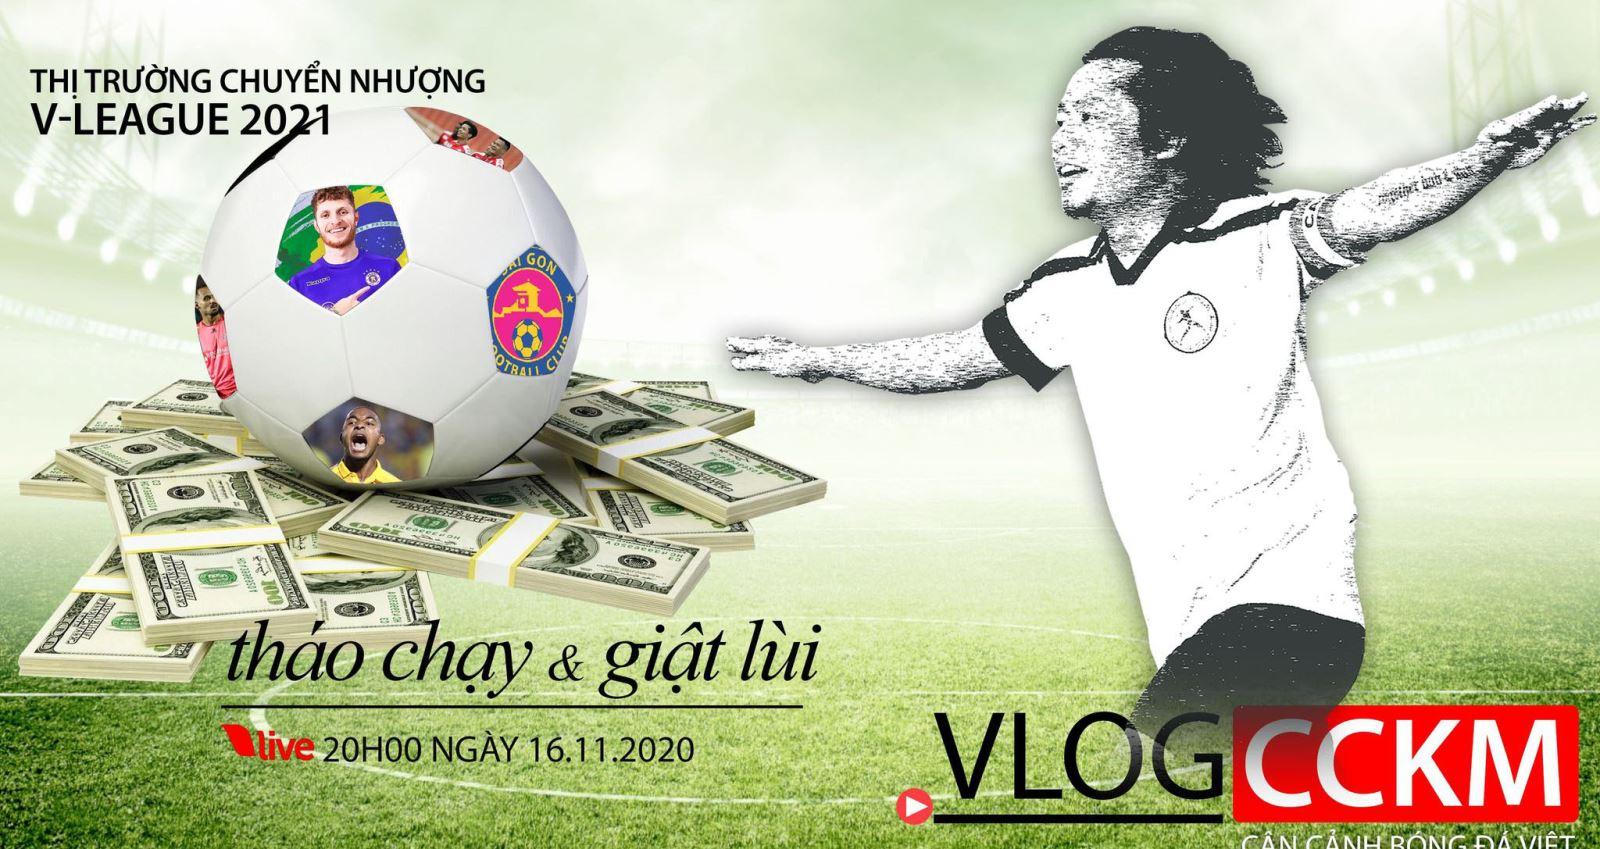 CCKM, bóng đá, bong da, Sài Gòn FC, trần hải, V-League, lịch thi đấu, Vlog CCKM